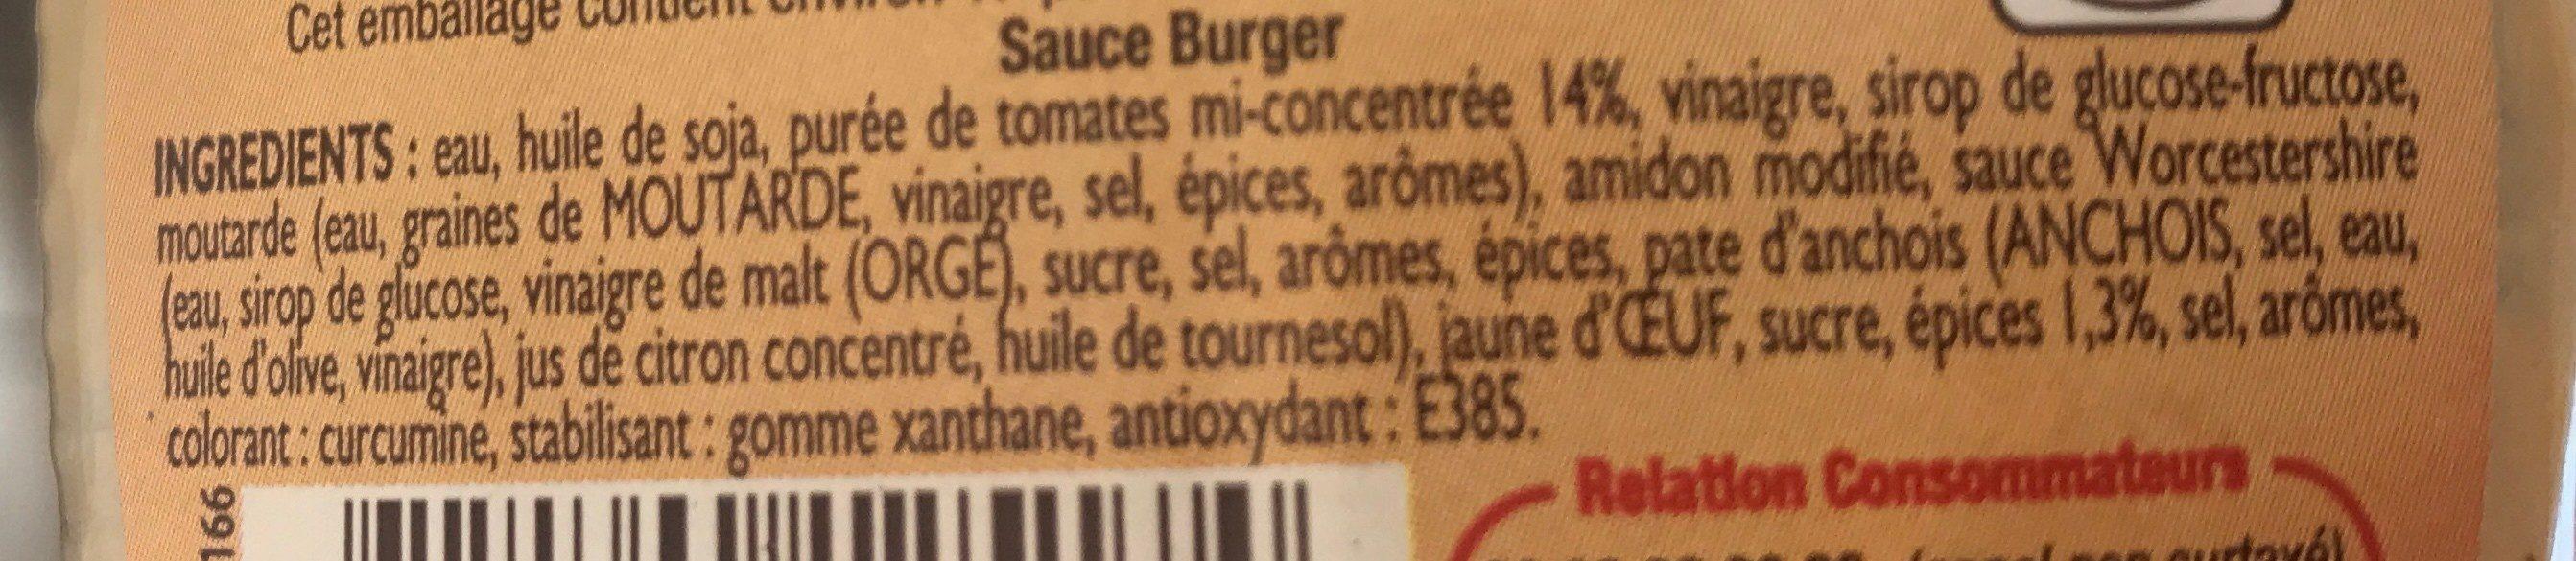 Sauce burger - Ingrédients